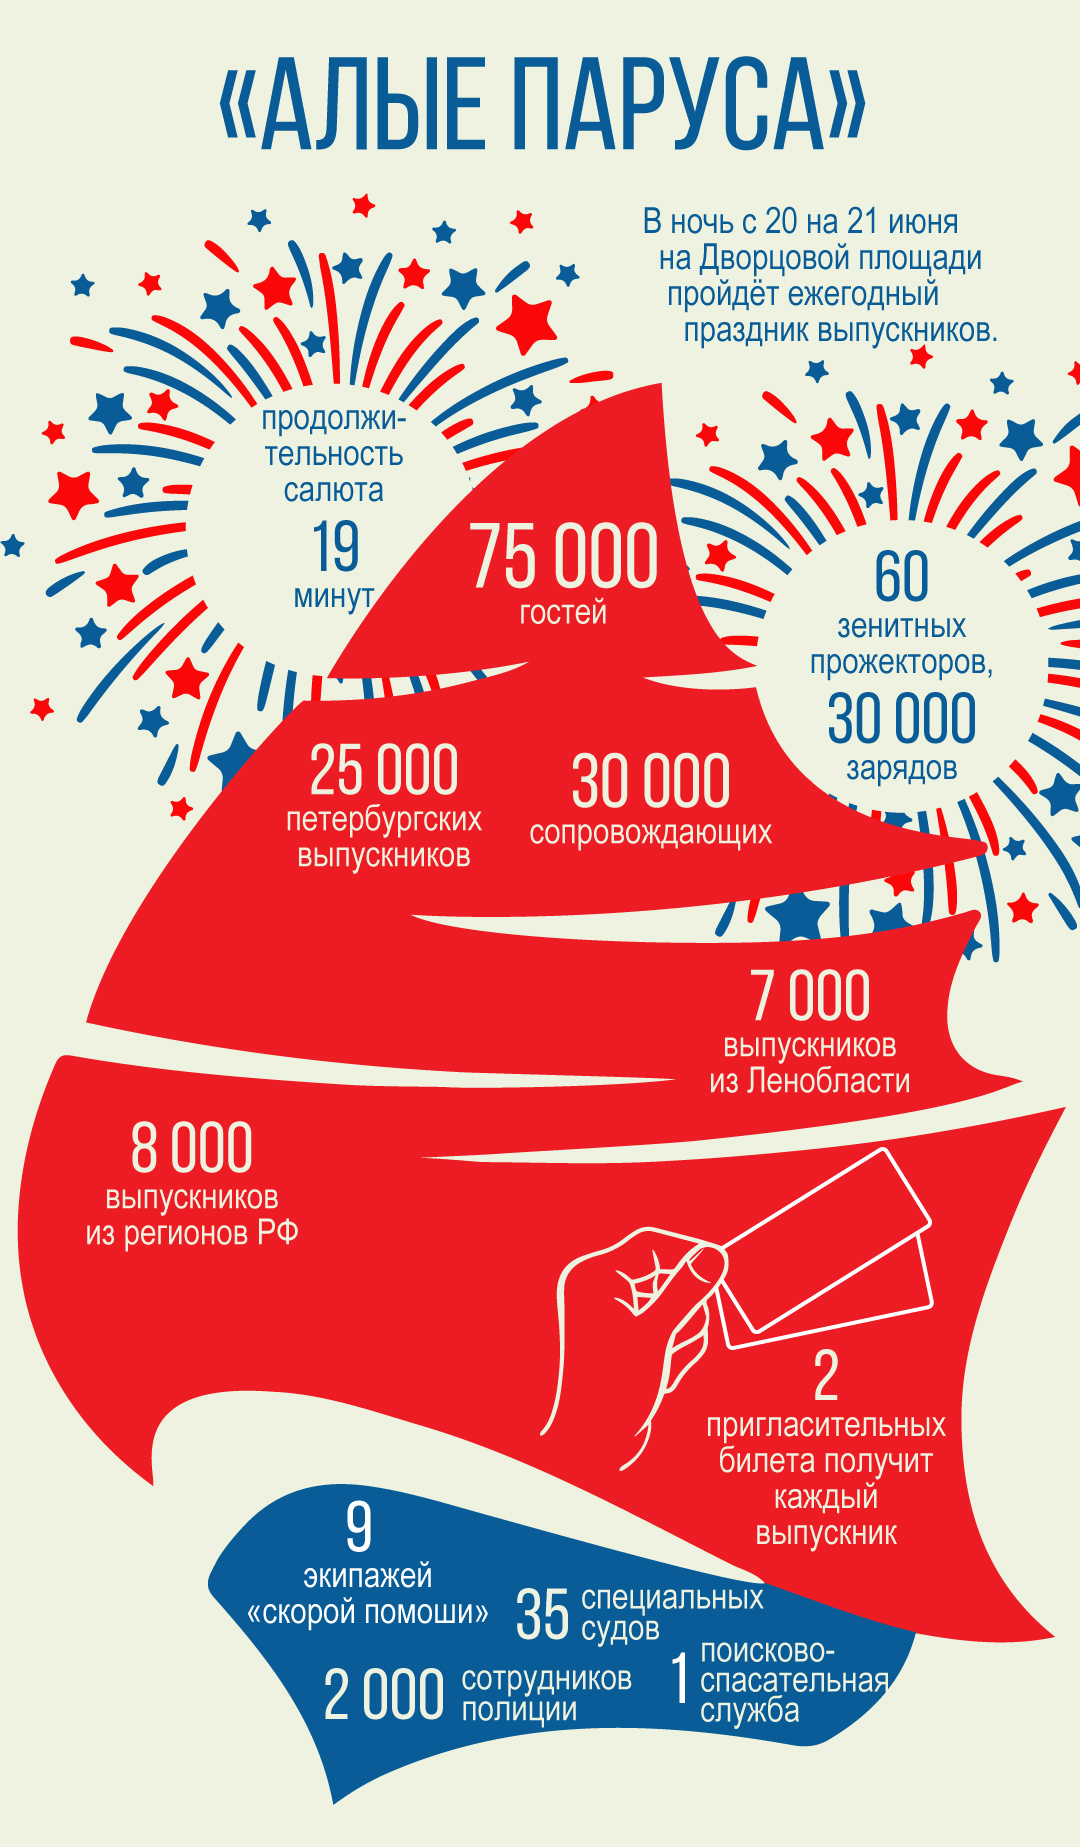 «Алые паруса» соберут на Дворцовой 75 тысяч гостей (Иллюстрация 1 из 1) (Фото: